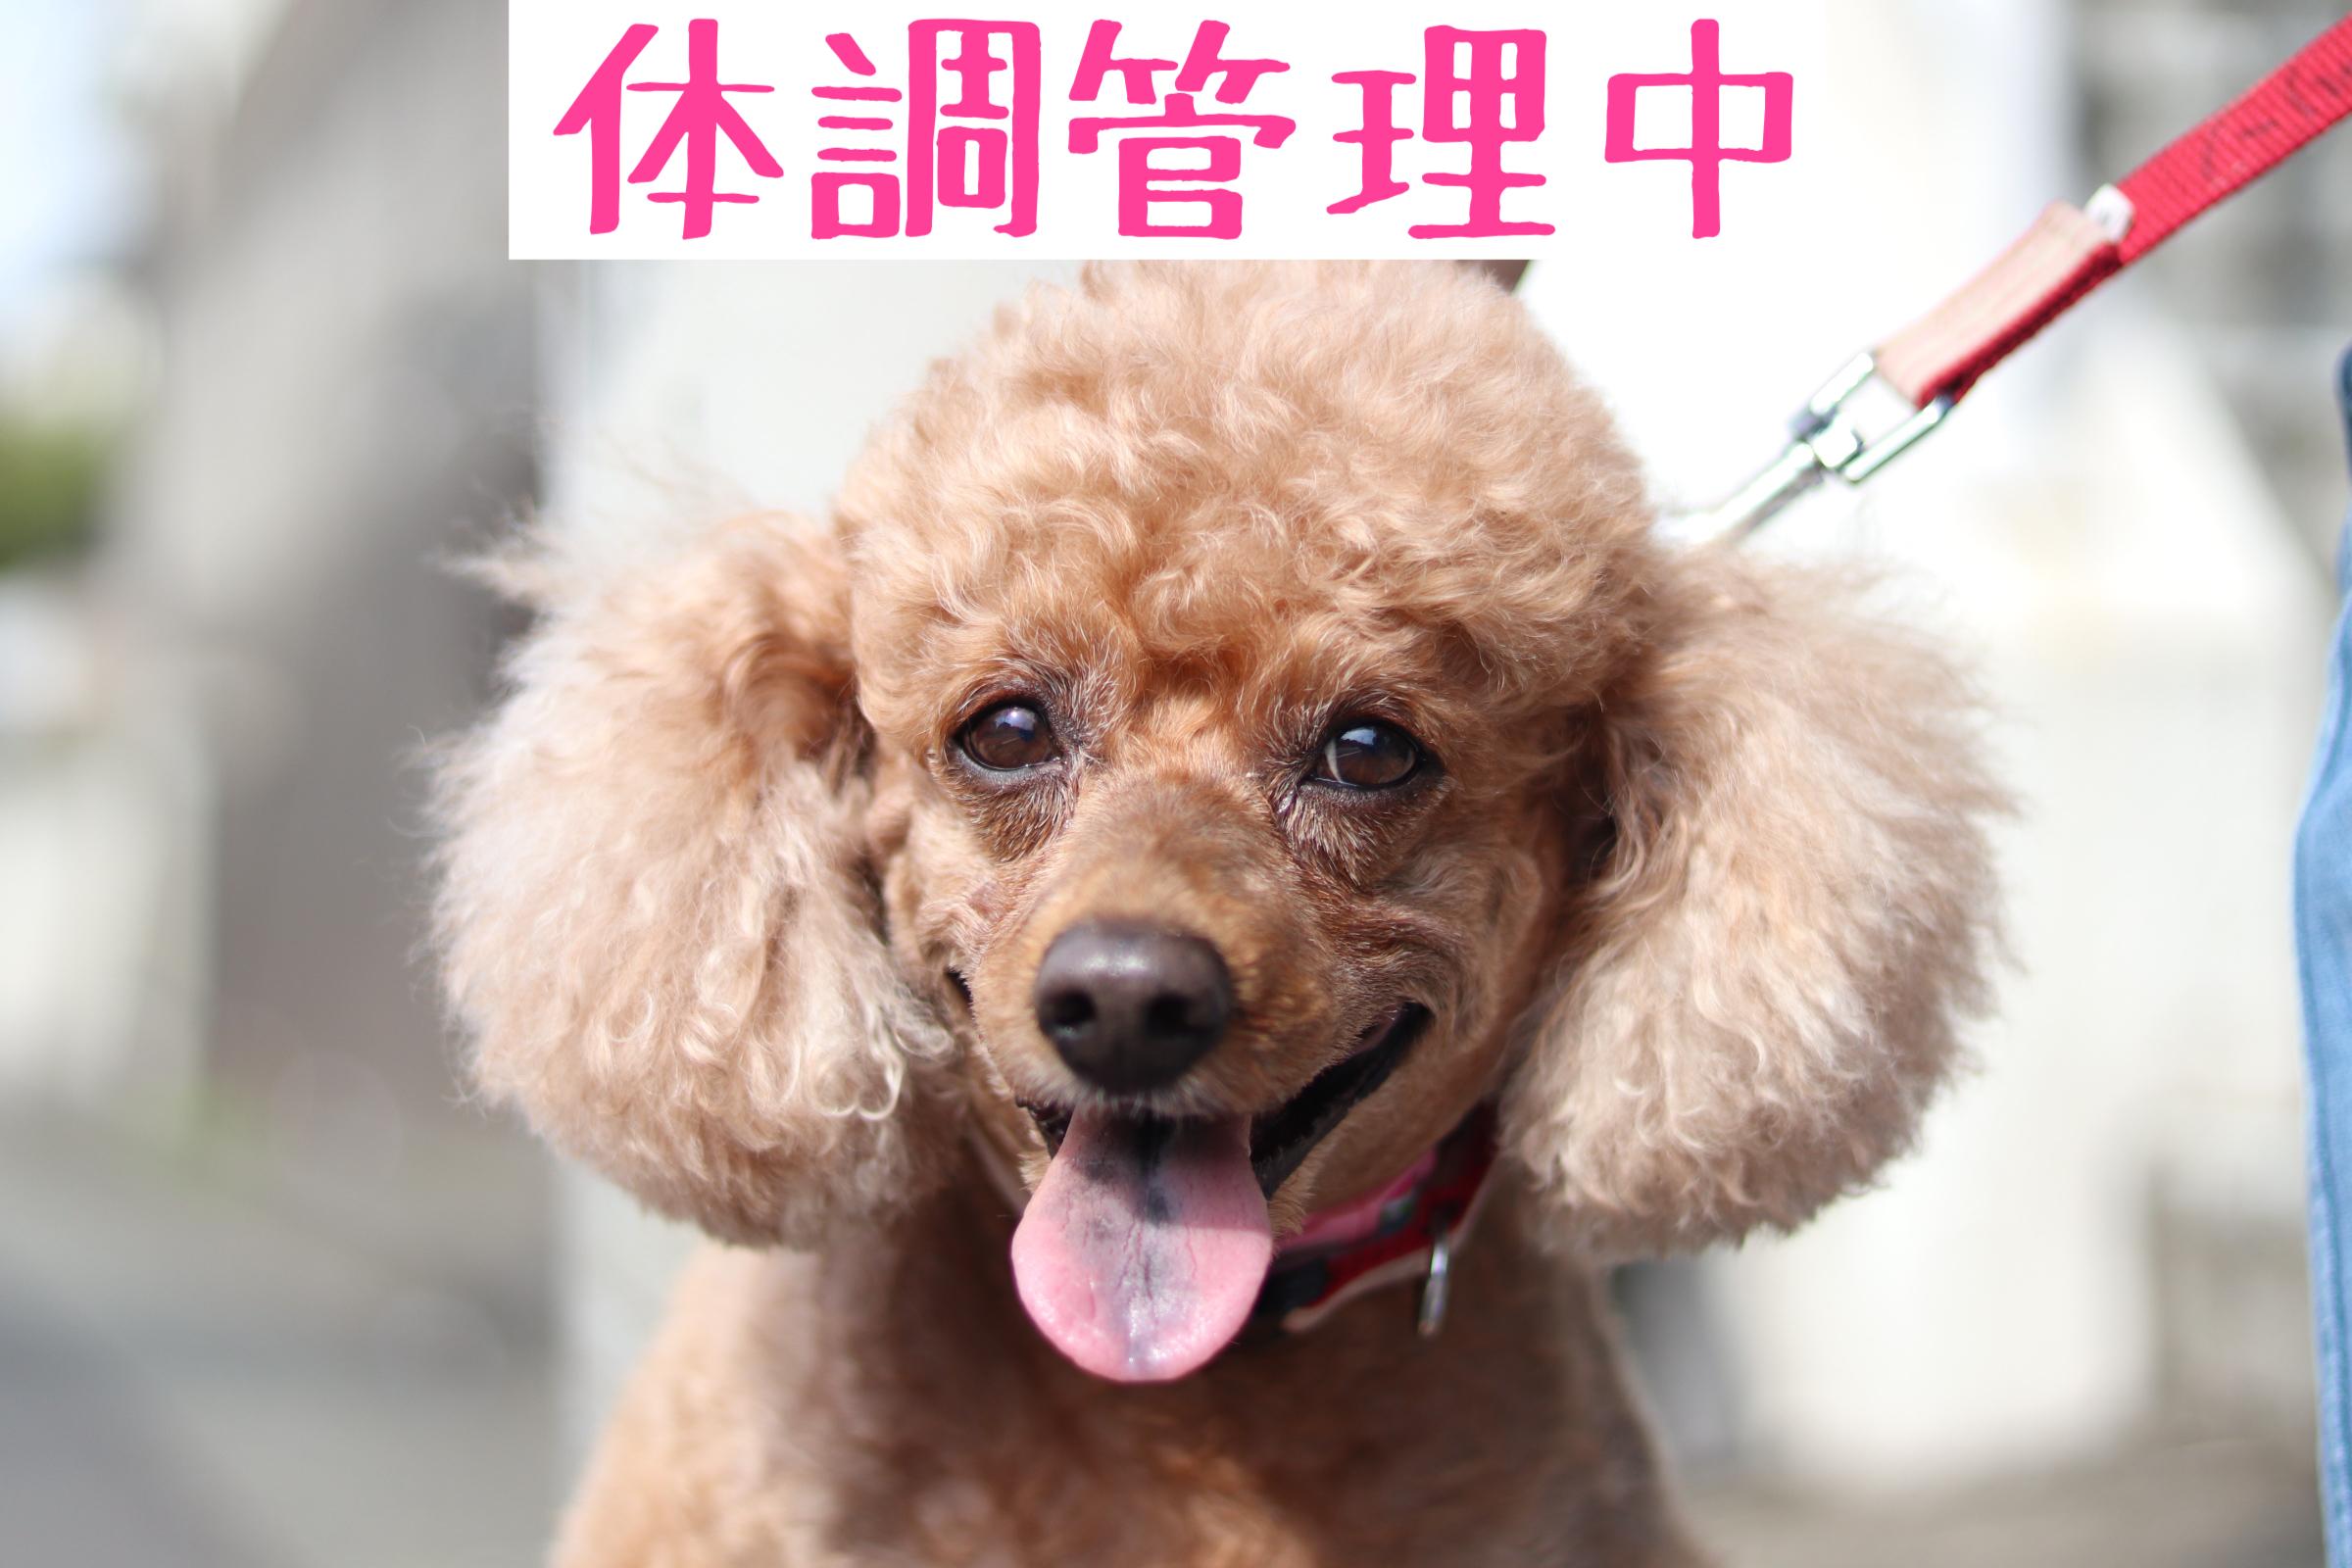 <ul> <li>犬種:トイプードル</li> <li>性別:女の子</li> <li>名前:プリン</li> <li>年齢:2013年2月10日生まれ</li> <li>保護経緯:家庭内の問題により、犬の世話に手がまわらなくなり飼育困難</li> </ul>